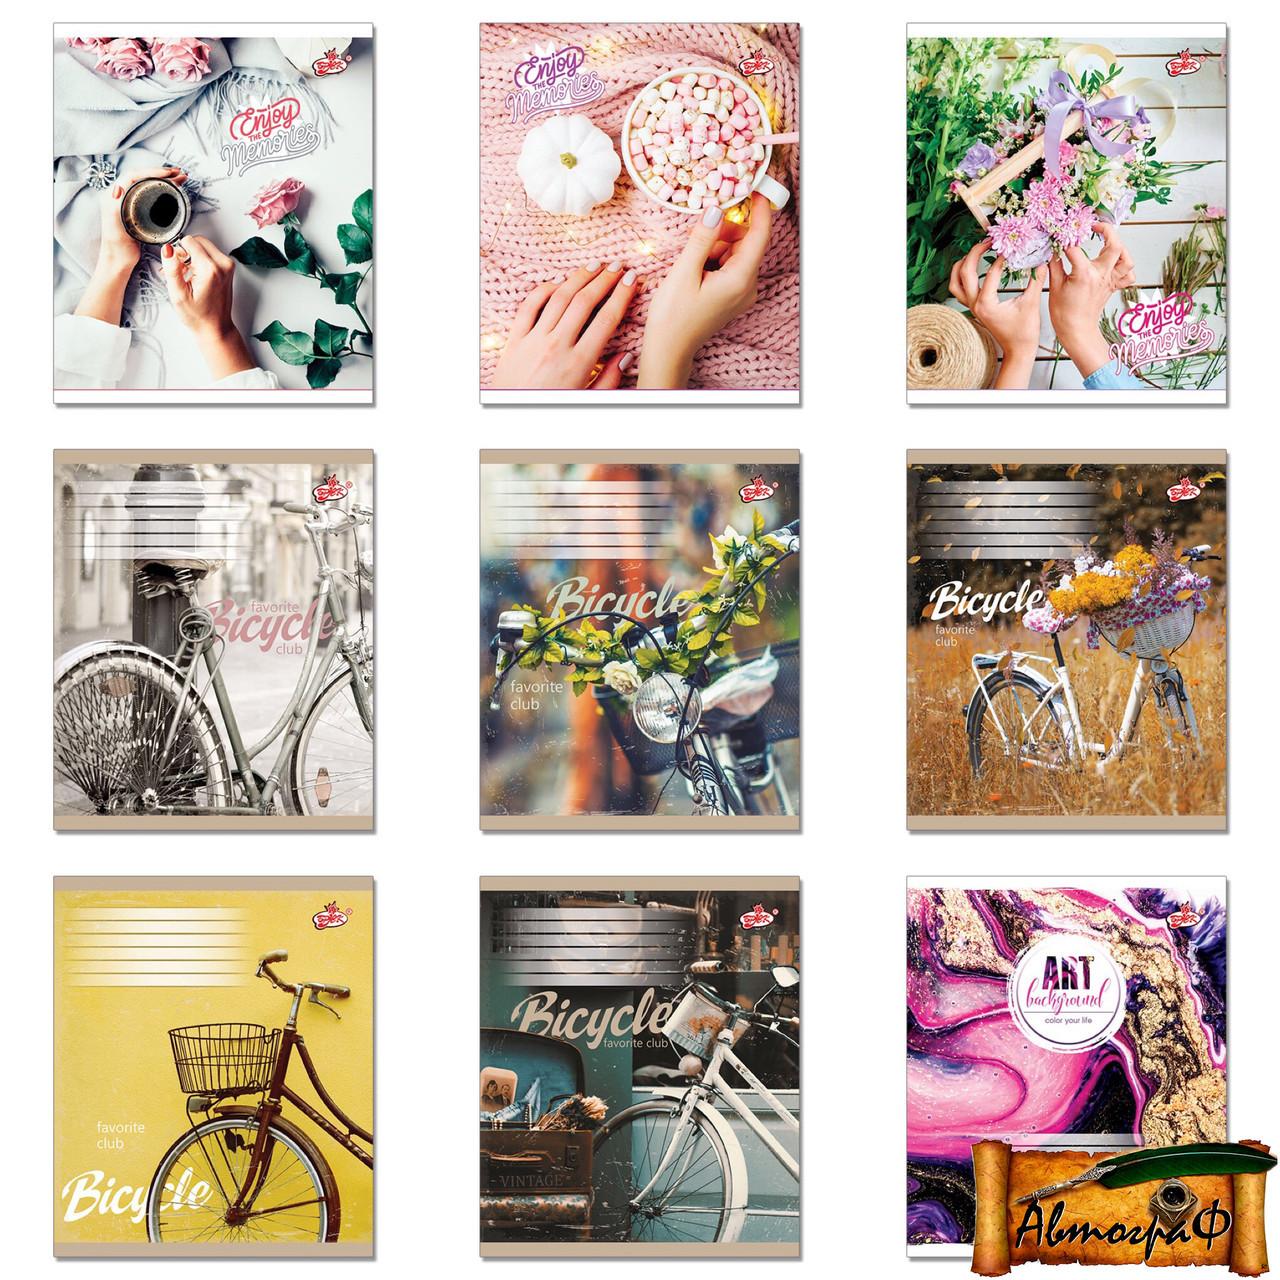 Тетрадь 60 листов клетка Цветы, пирожные, напитки, велосипеды и т.д. (1 Вересня, Тетрада, Бриск, Зошит Украины, Аркуш, Yes)